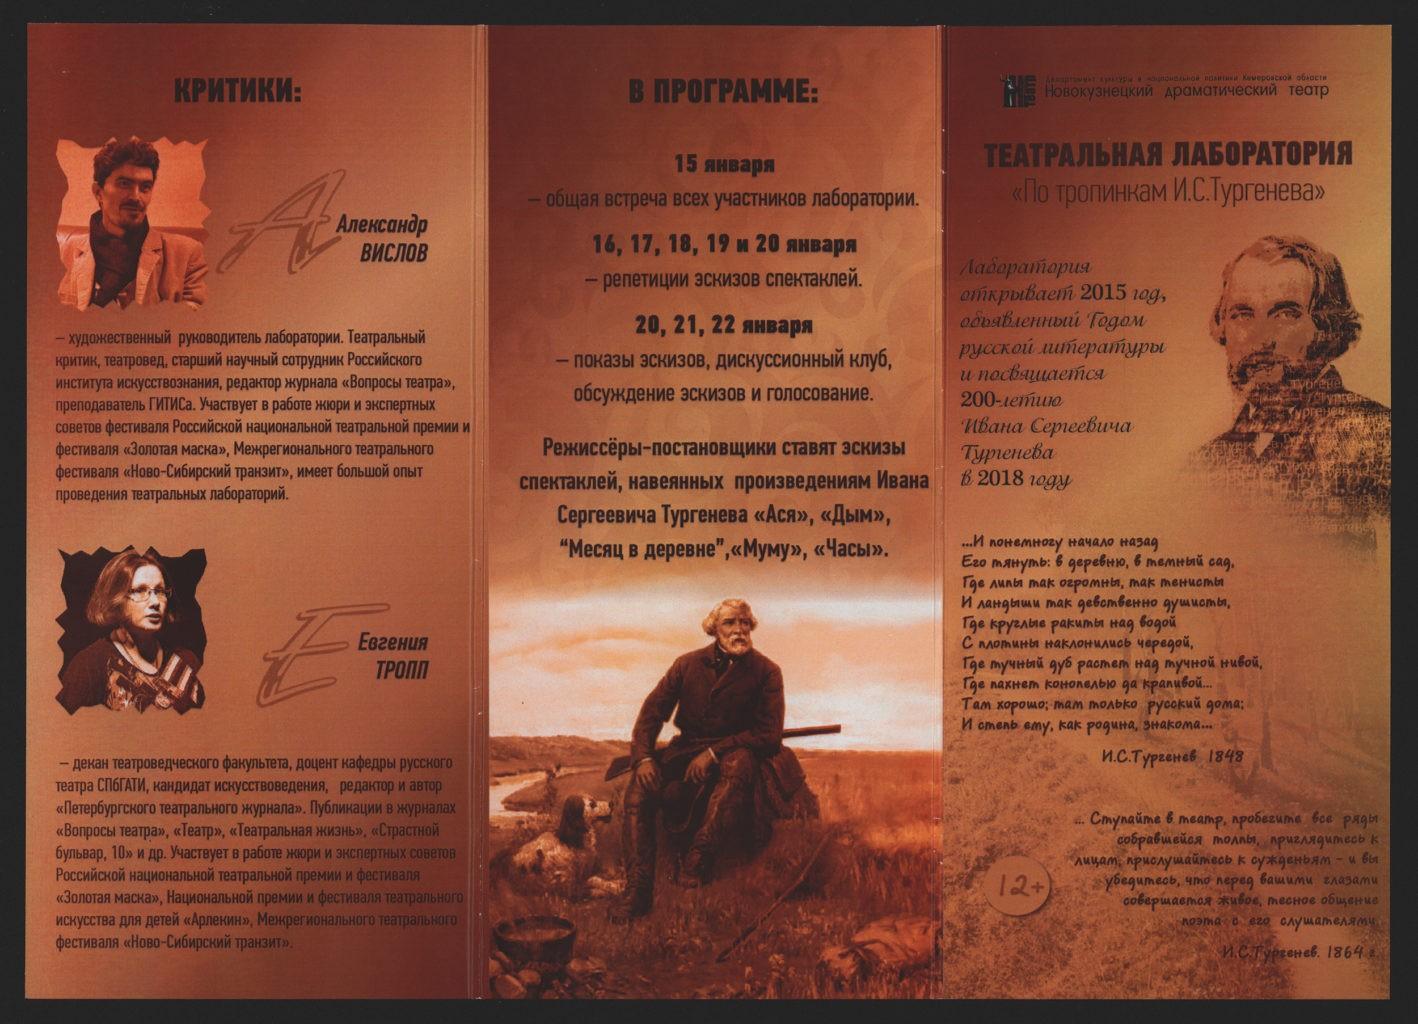 Театральная лаборатория «По тропинкам И.С. Тургенева»: программа